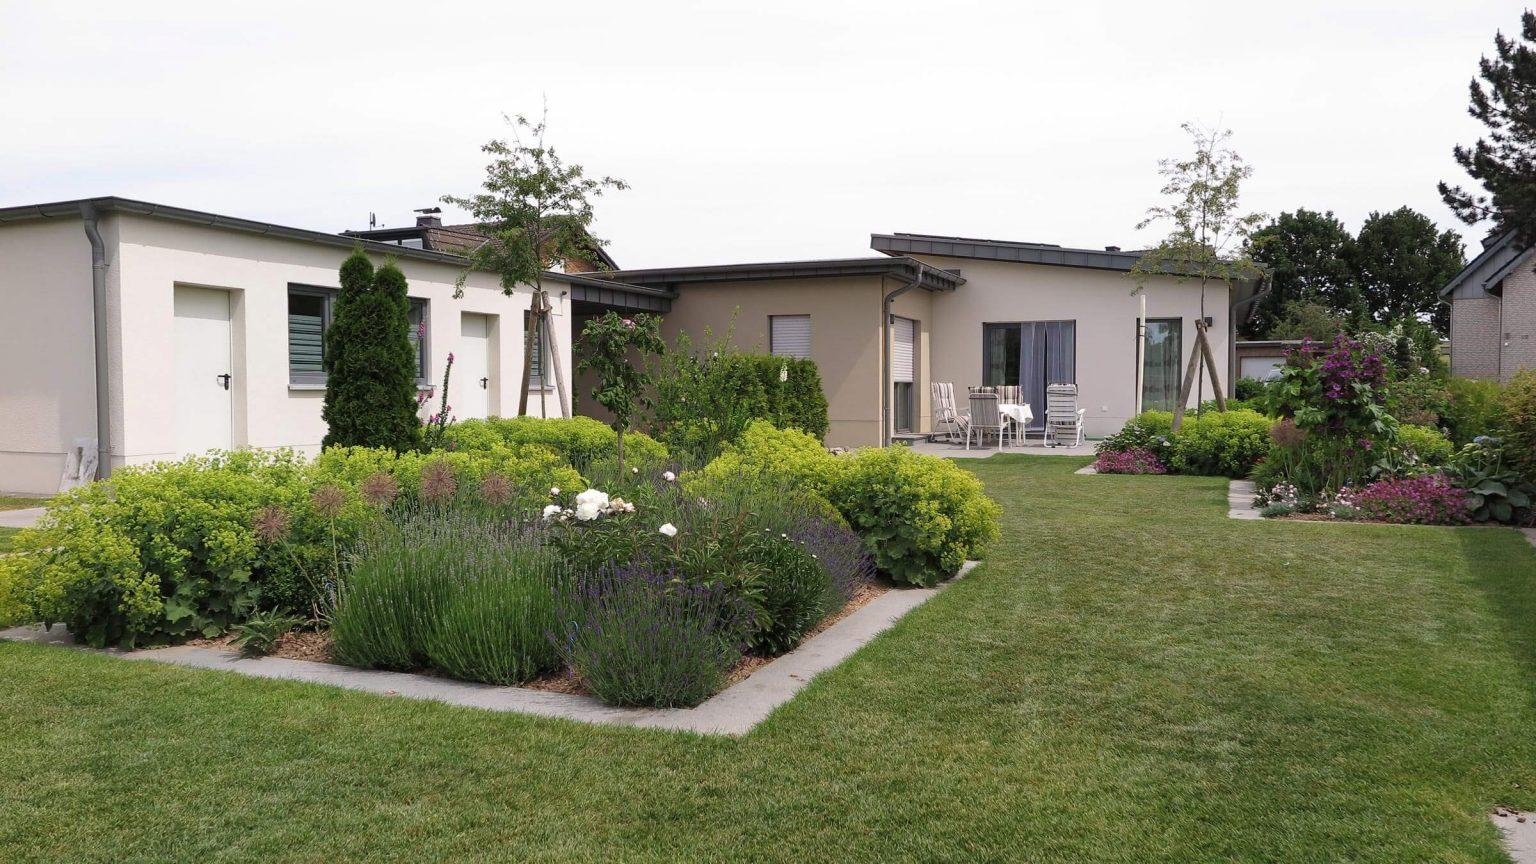 Architekt Koeln Wohnungsbau Garten